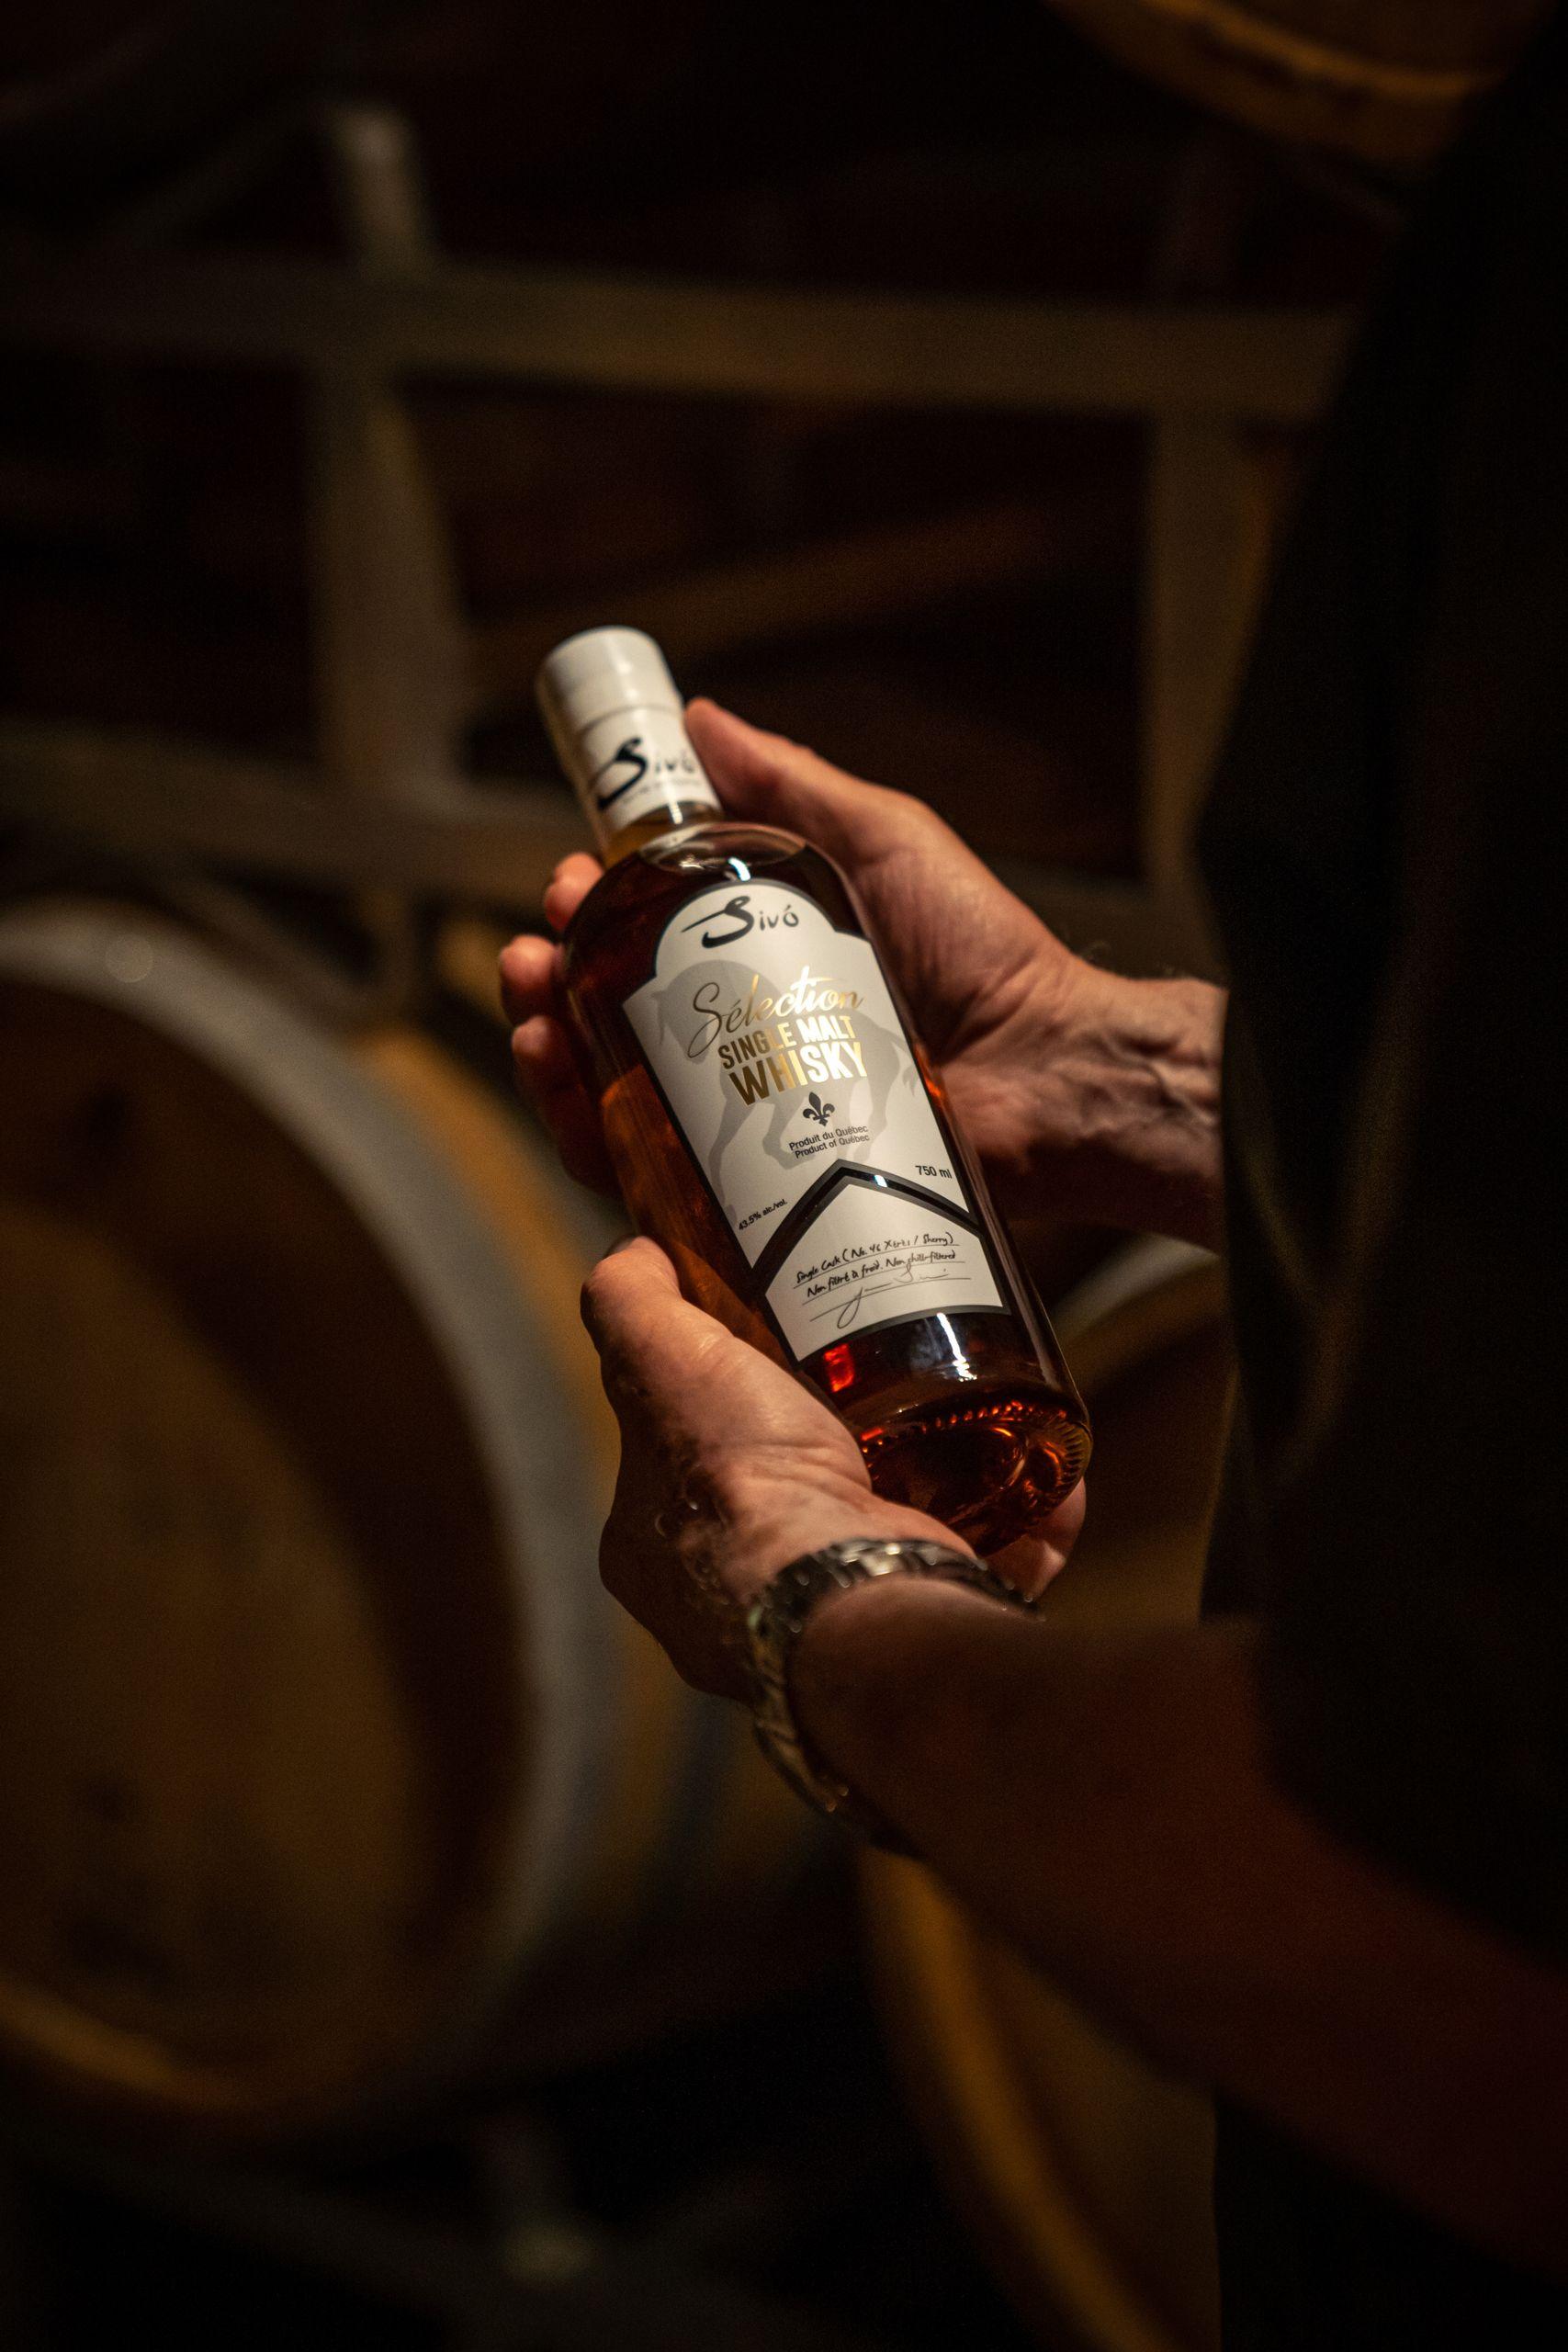 Dans la grange de distillation, Janos Sivo, fondateur de la Maison Sivo, tient une bouteille de whisky single malt fabriqué au Québec. La photo est un gros plan sur les mains qui tiennent la bouteille.